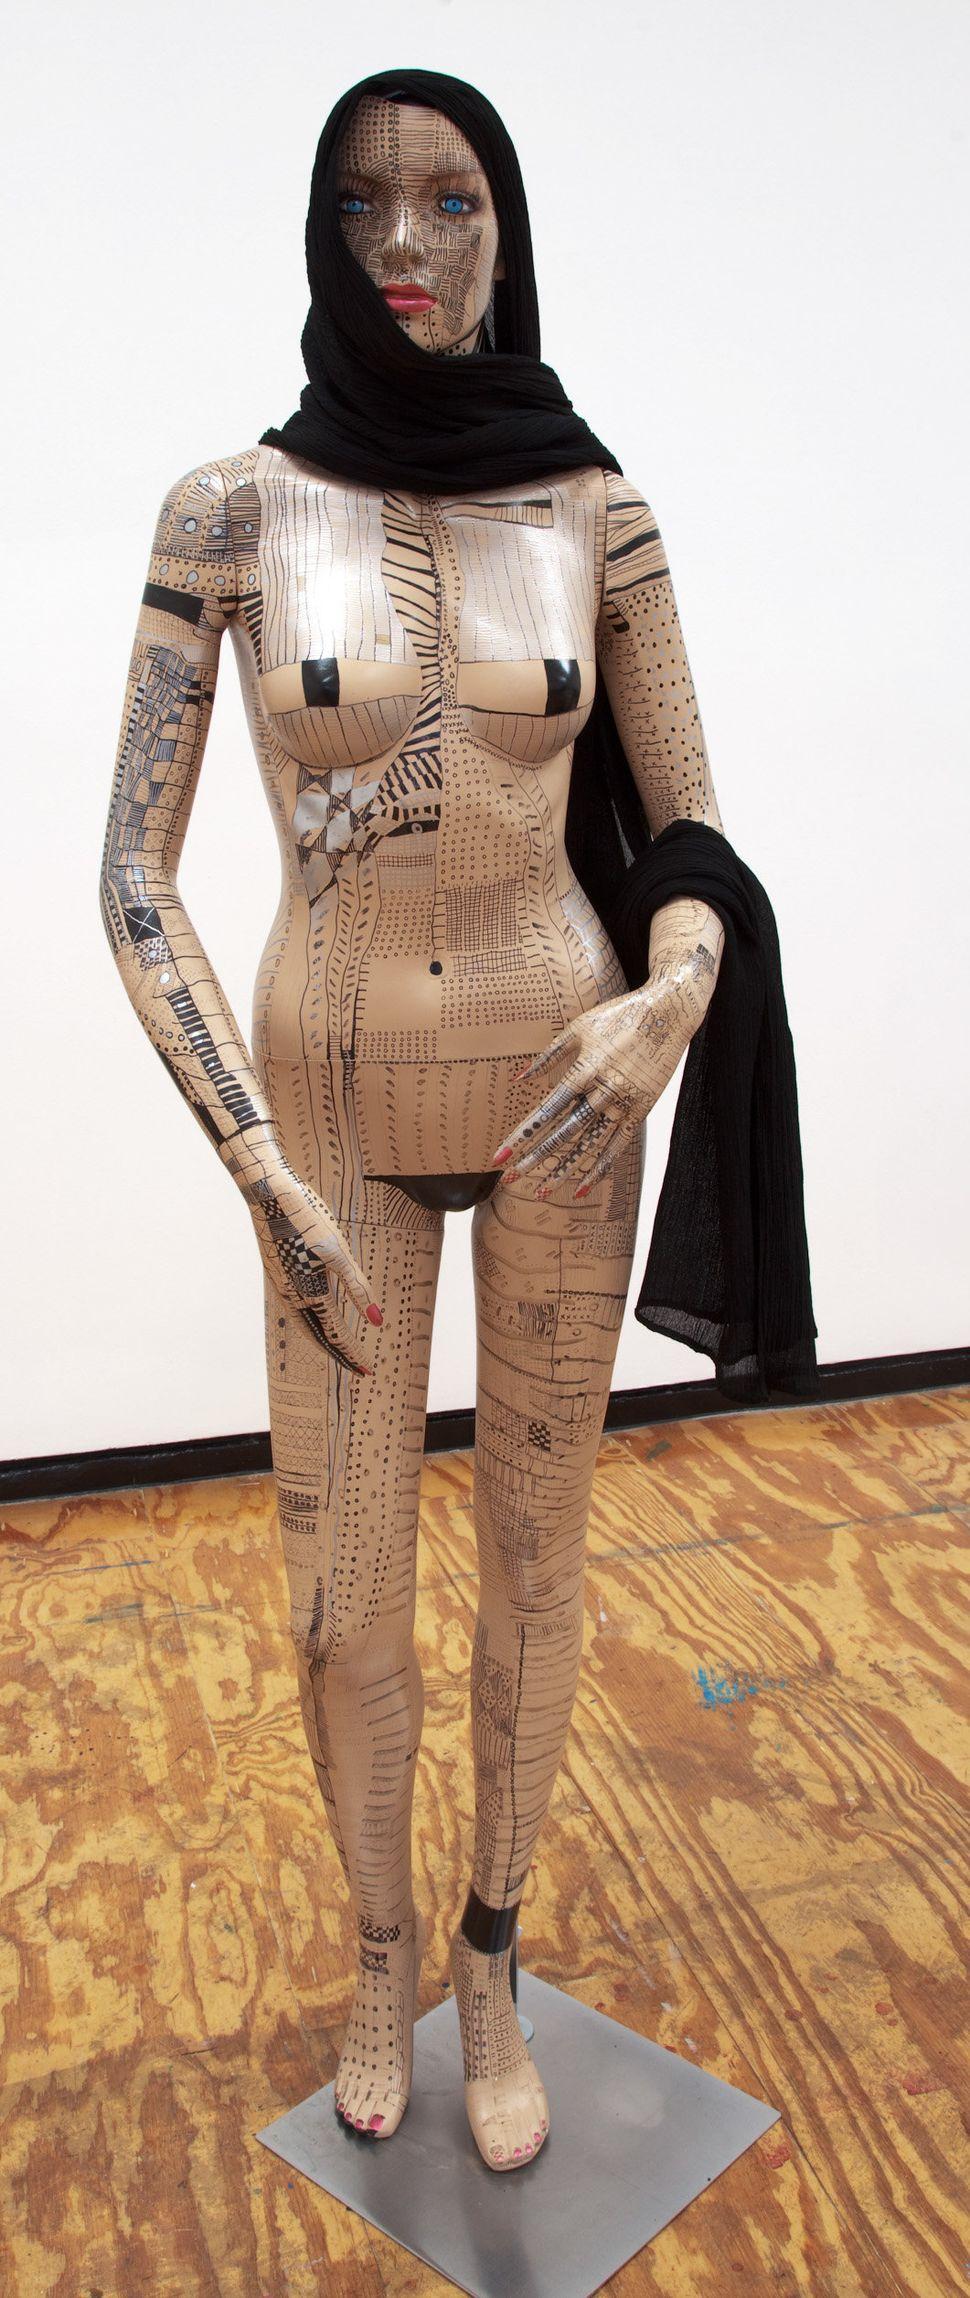 Mannequin, 2010, ink, mannequin, headscarf.